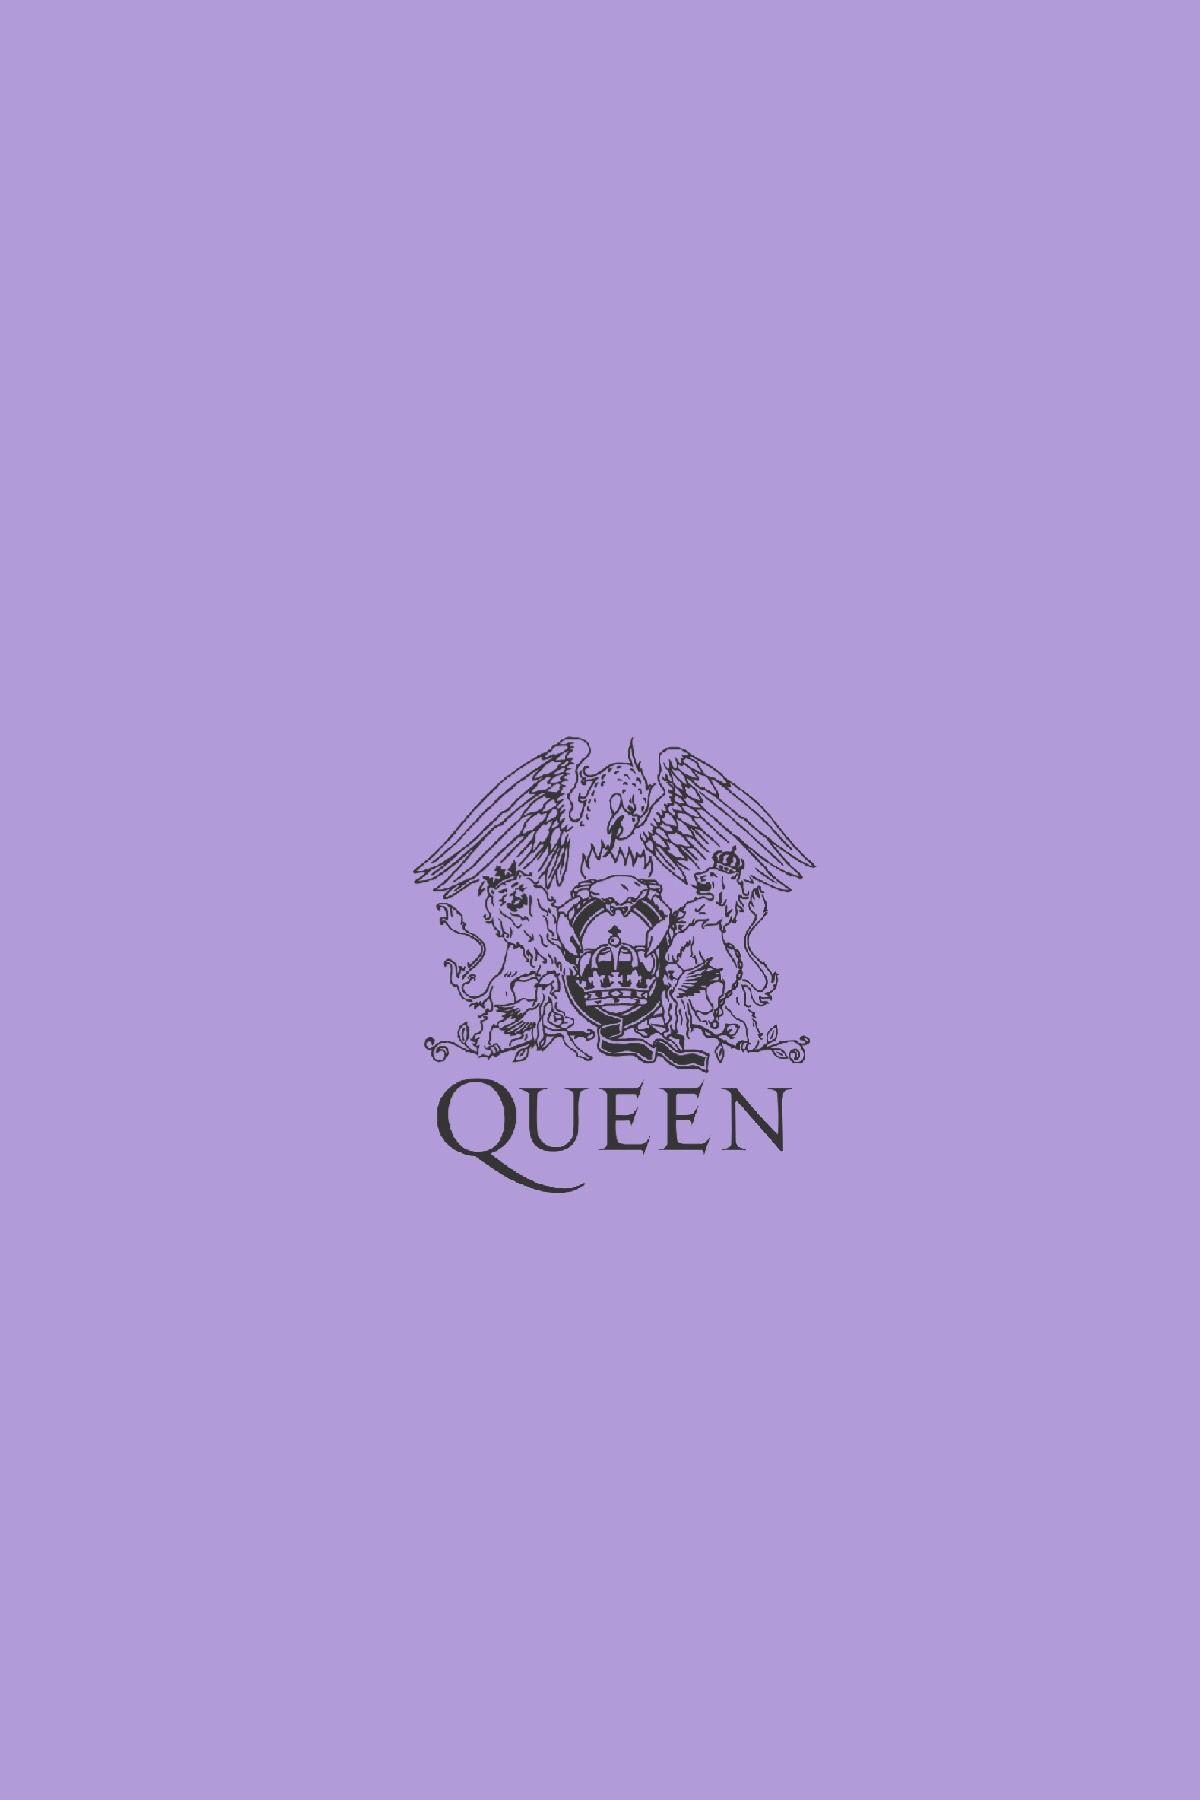 Pin By Madeline Garrett On Ups Queens Wallpaper Queen Aesthetic Queen Band